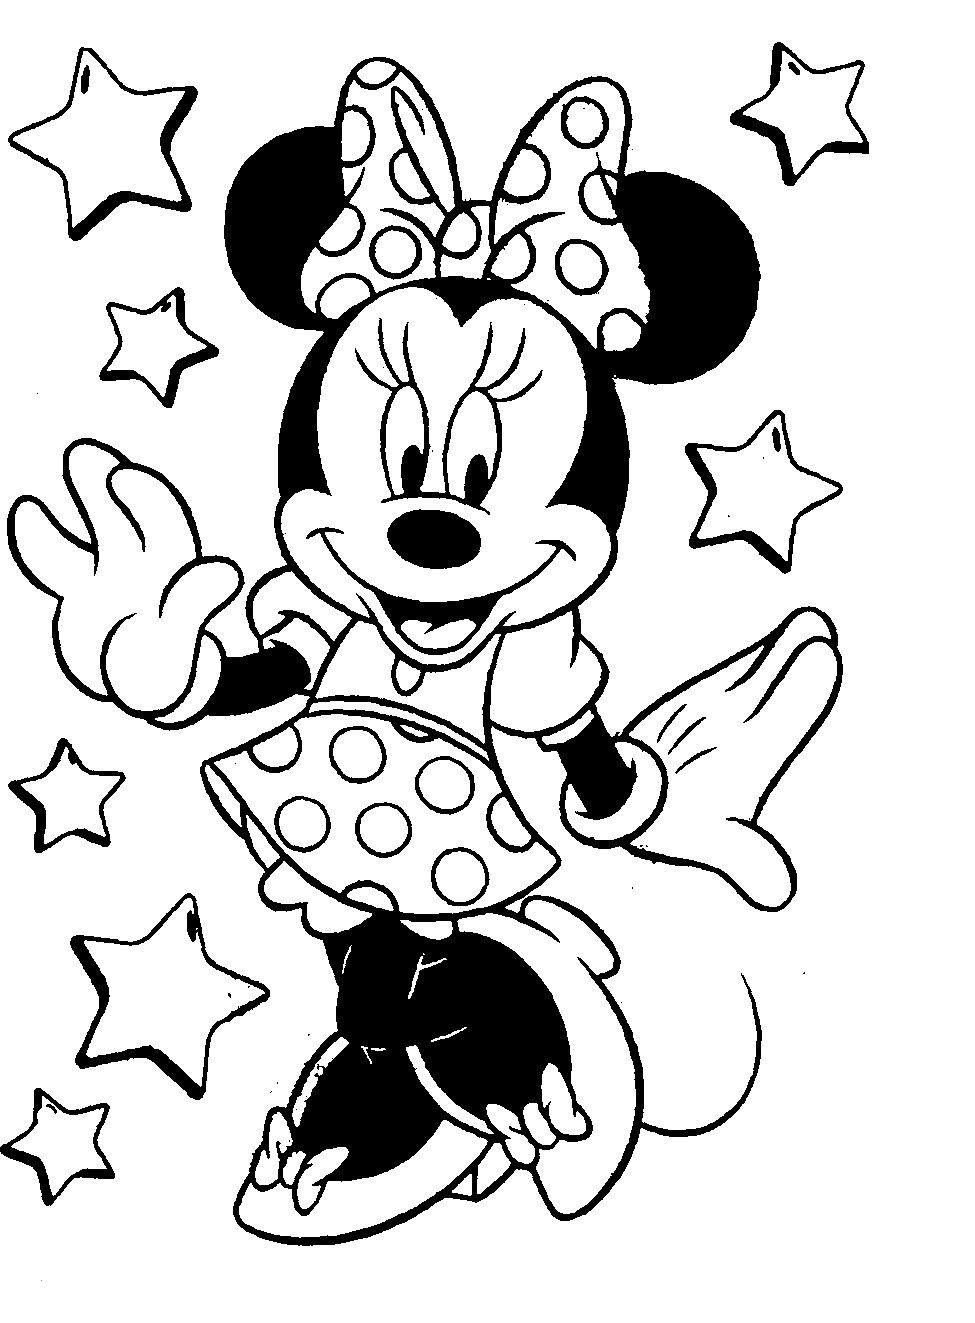 Micky Maus Baby Ausmalbilder Genial Minni Maus Baby Malvorlagen Genial Minnie Mouse Baby Ausmalbilder Bilder